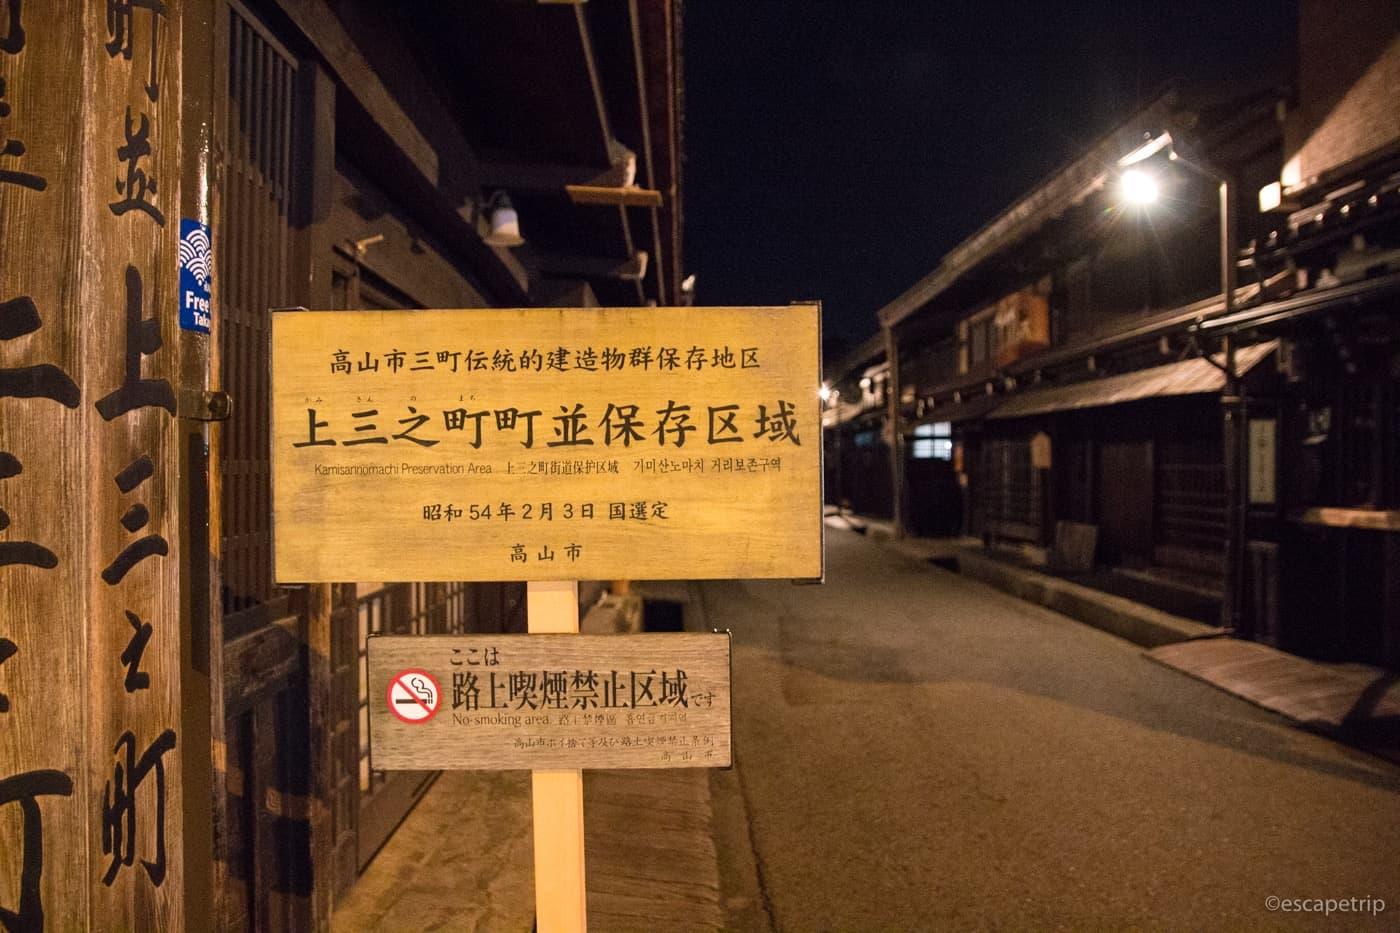 高山の伝統的建造物群保存地区